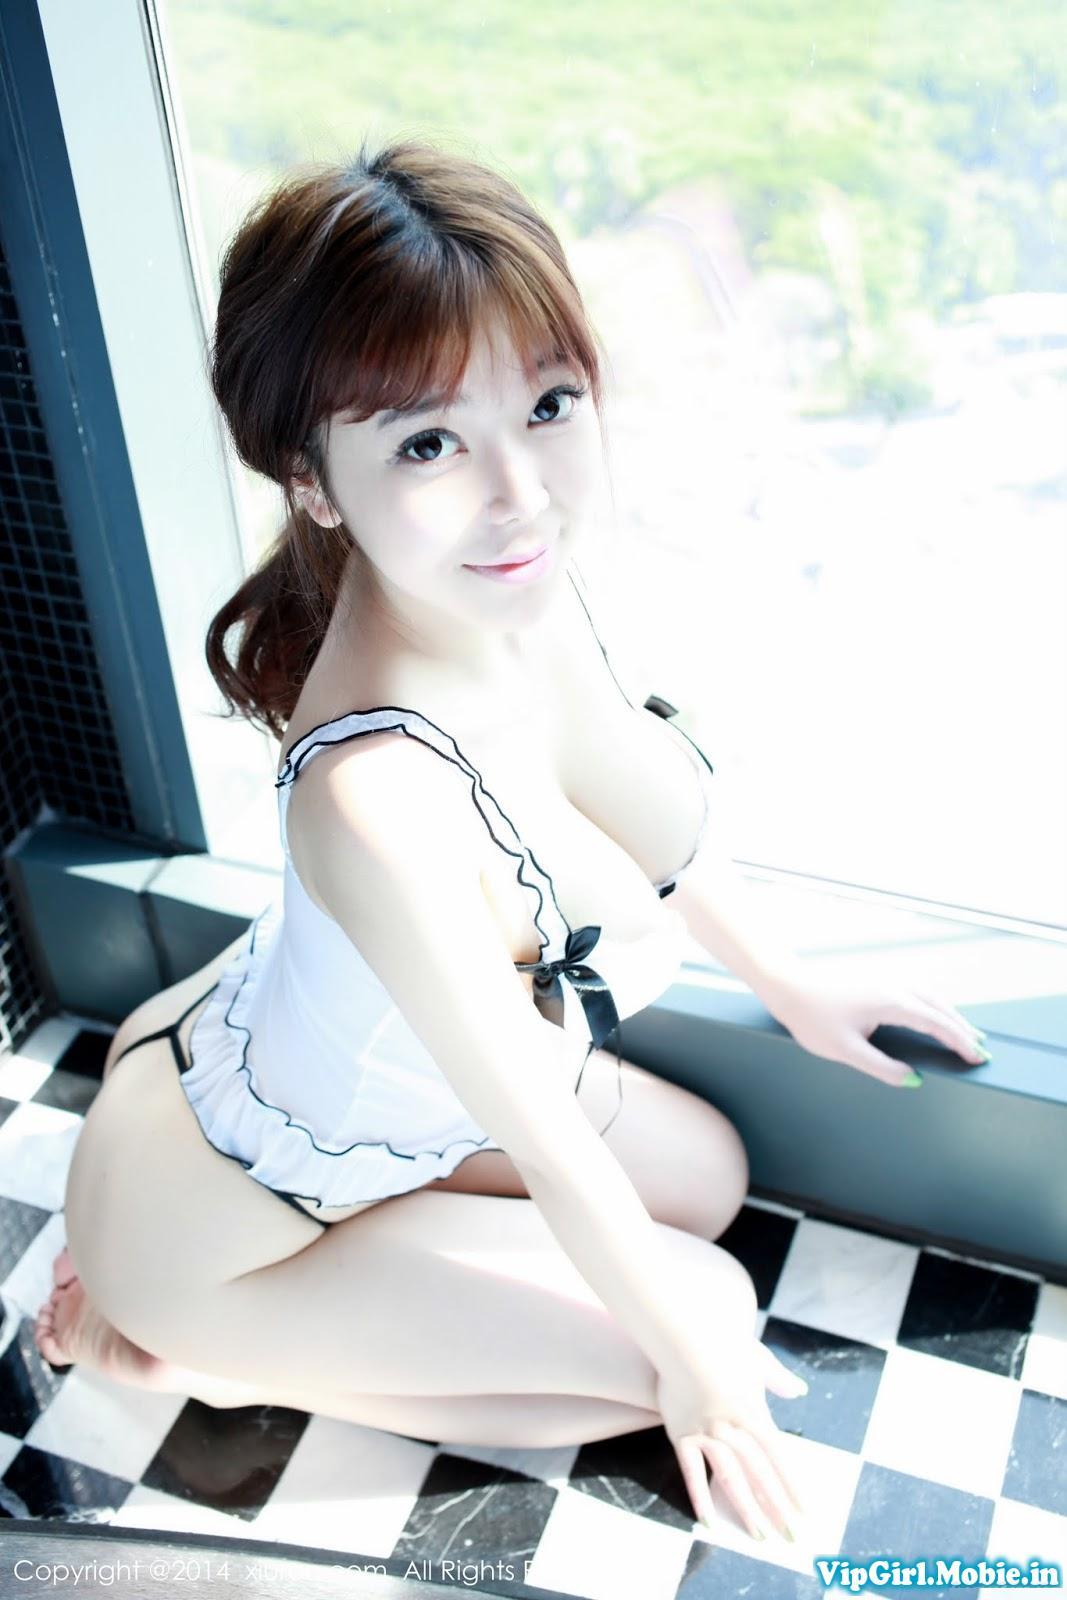 Gái xinh ngực khủng da trắng mặt dễ thương với bikini